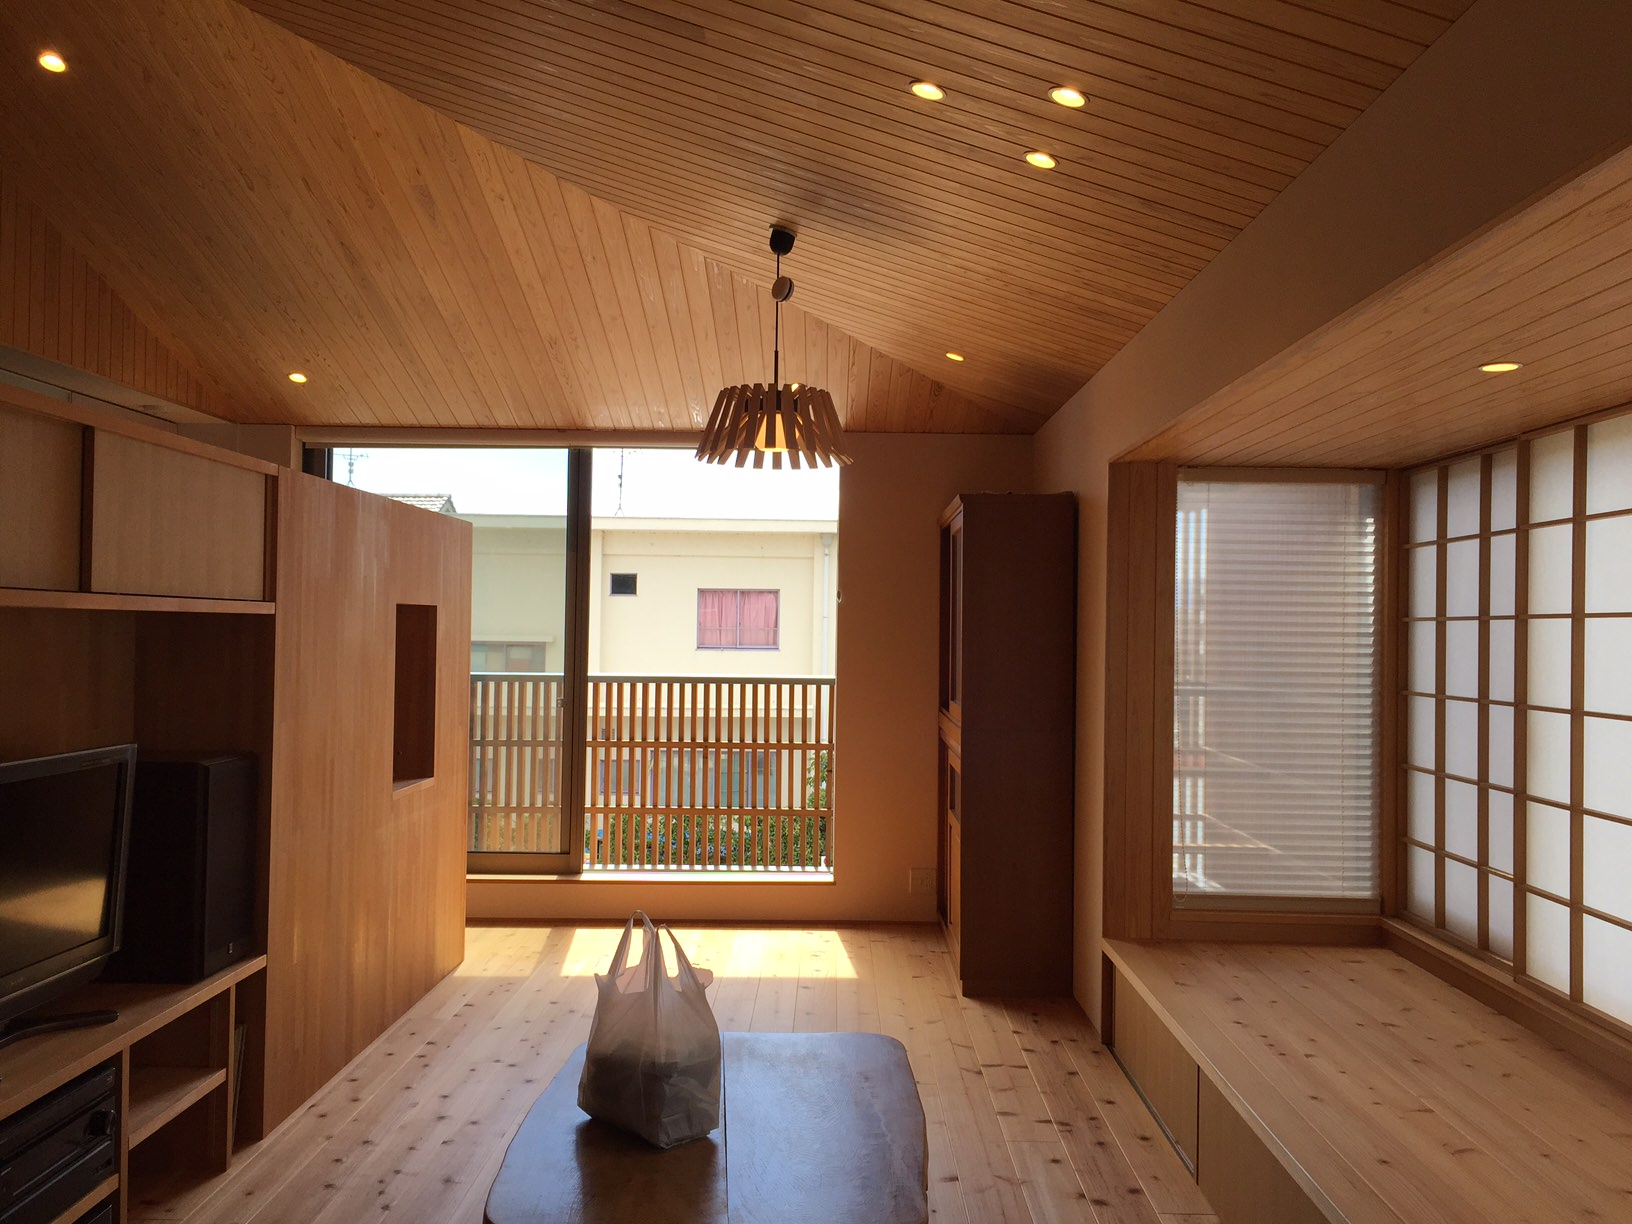 岐阜県大垣市 「世安の家」木造2階建住宅 竣工写真撮影